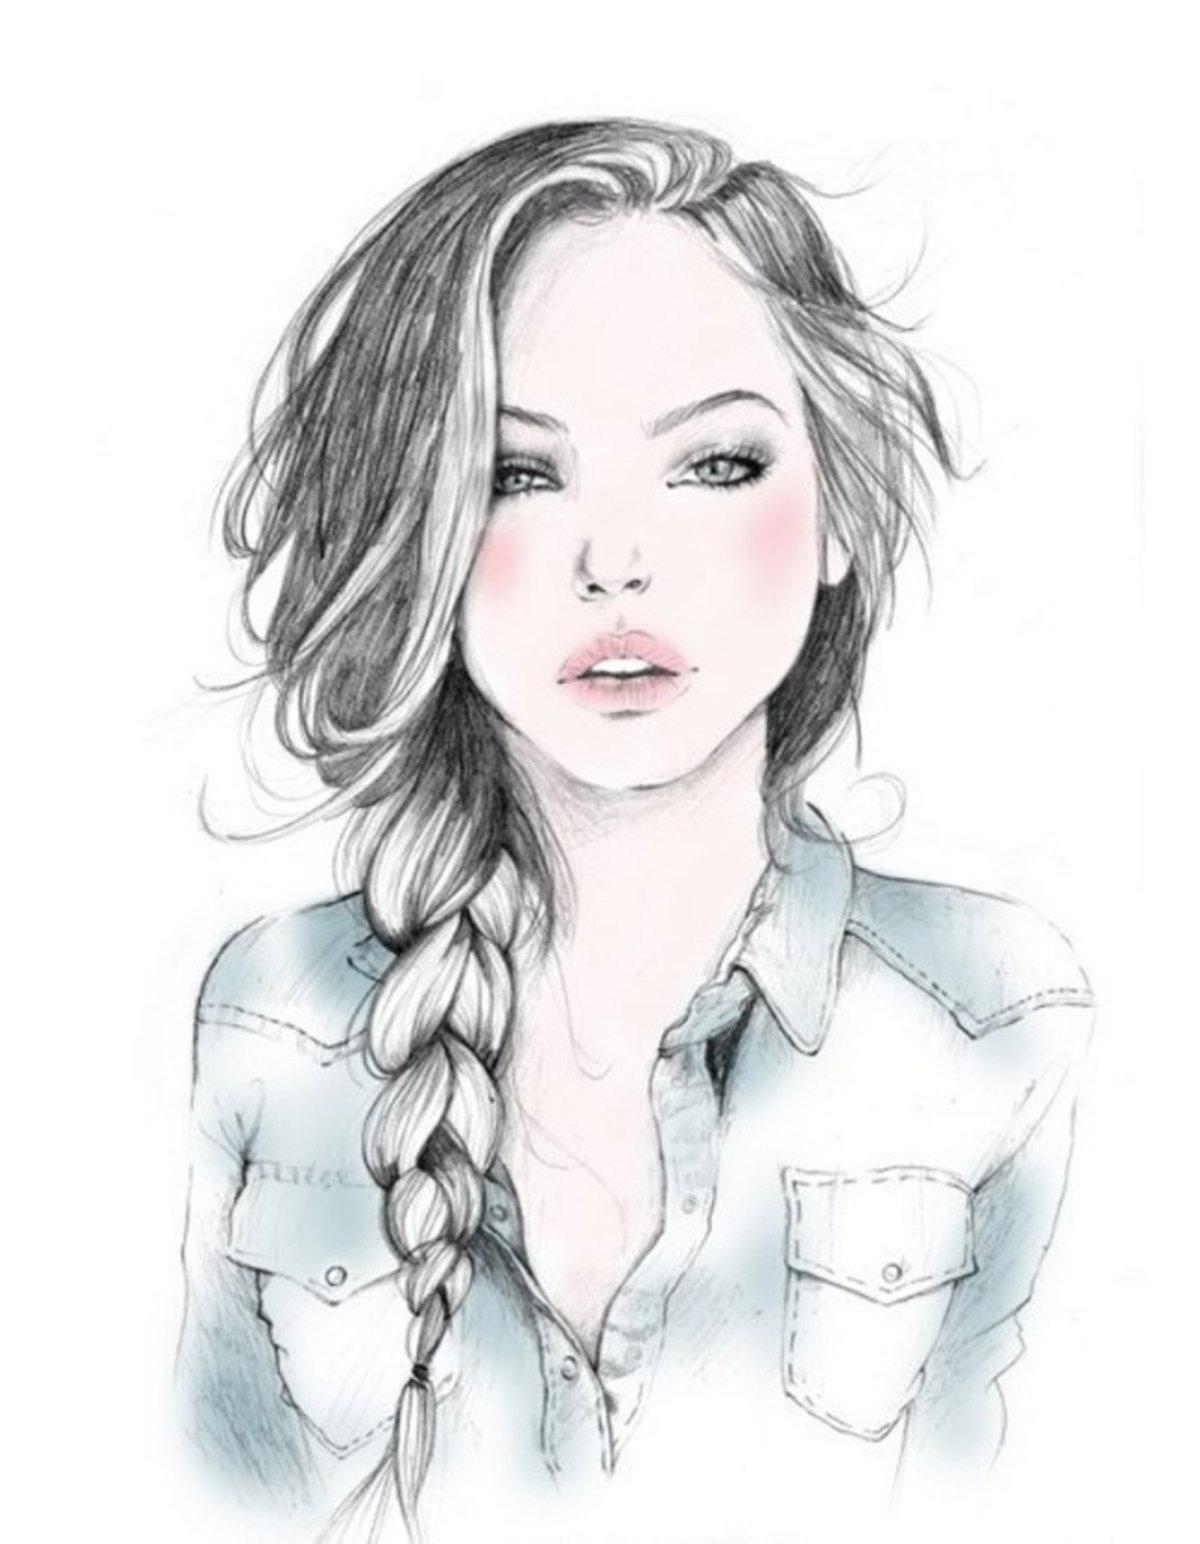 Картинки девушки нарисованные, открытки хорошими пожеланиями